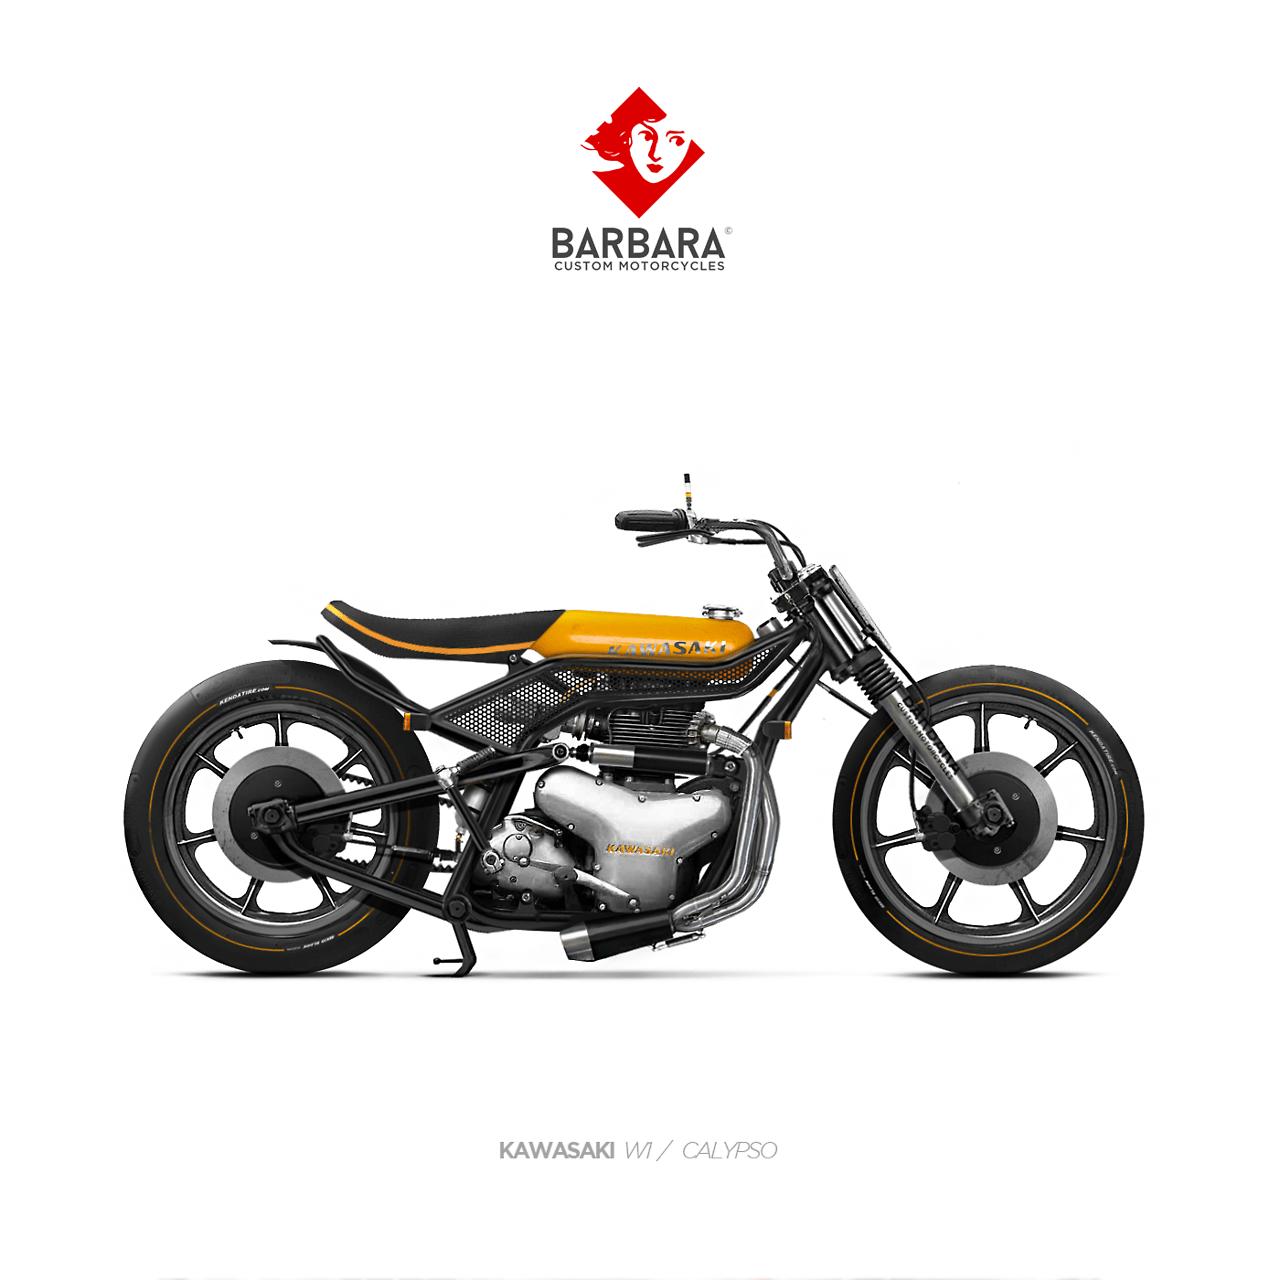 Kawasaki W1